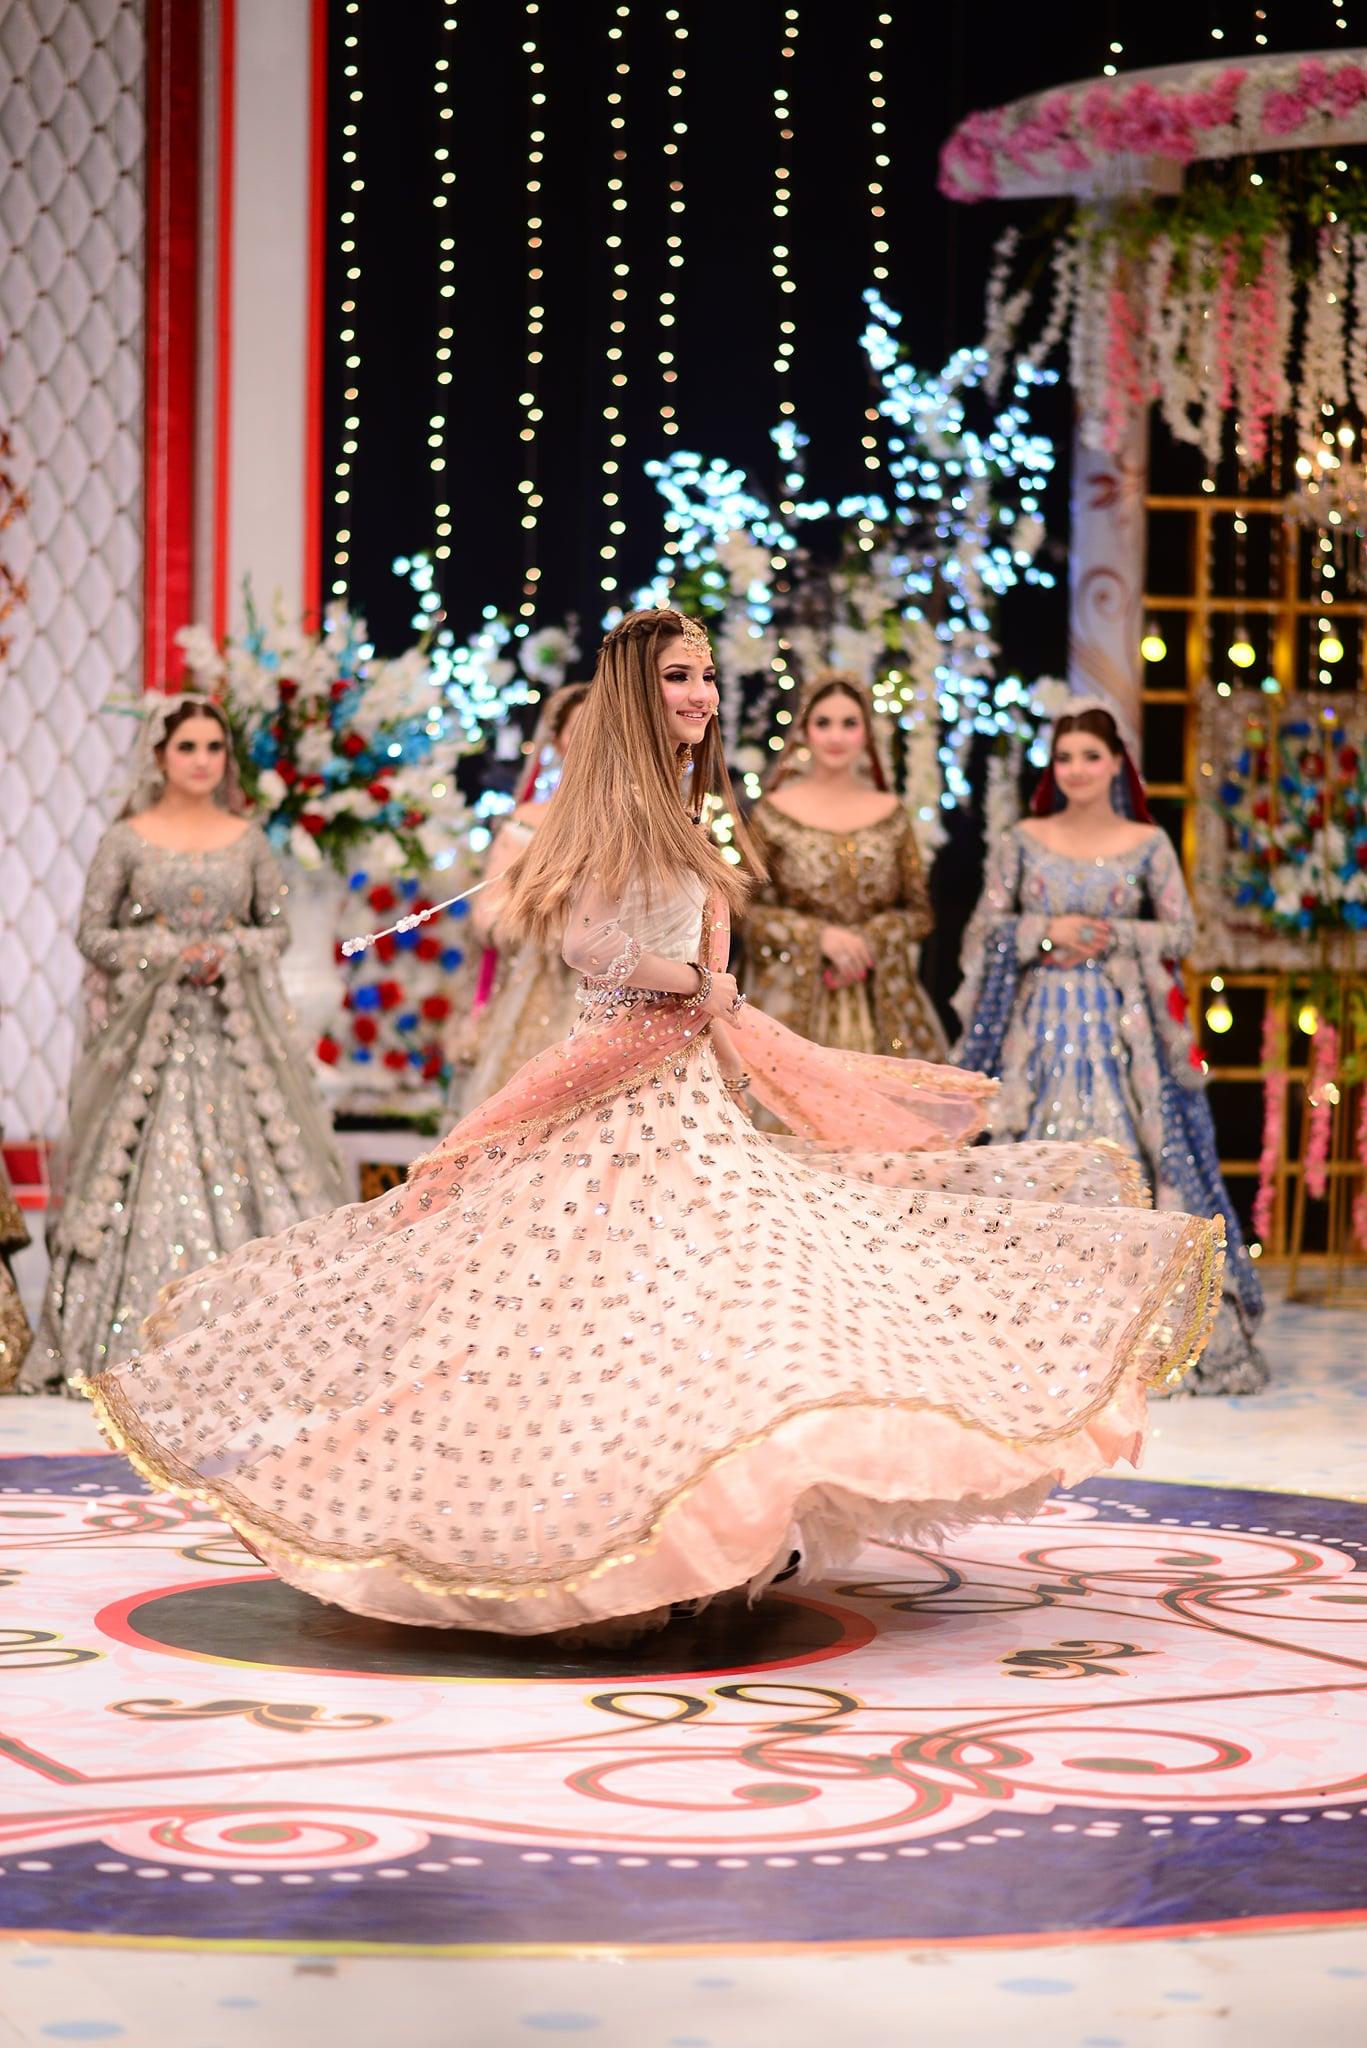 Viral Sensation is Looking Gorgeous in Bridal Look